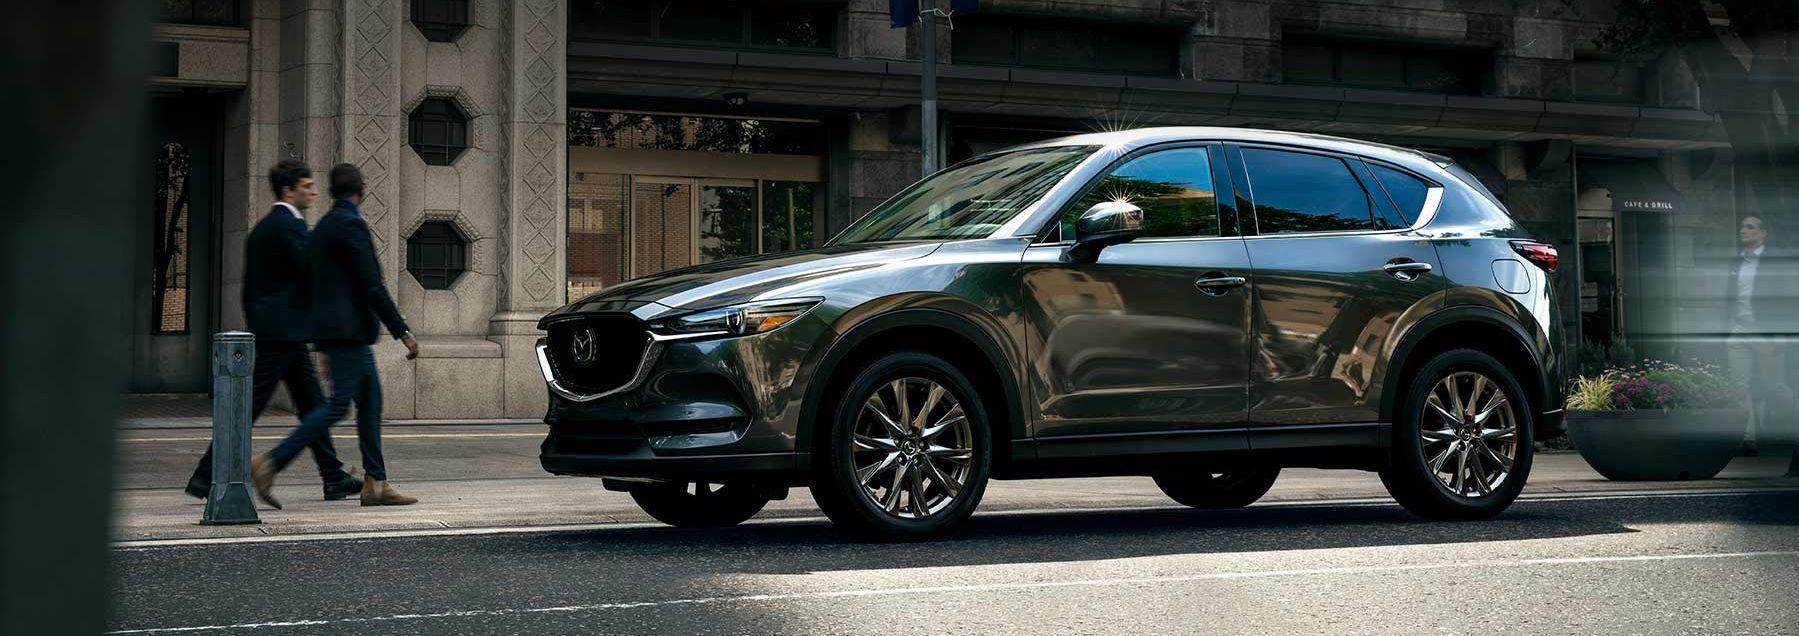 2019 Mazda CX-5 Financing near Hempstead, NY